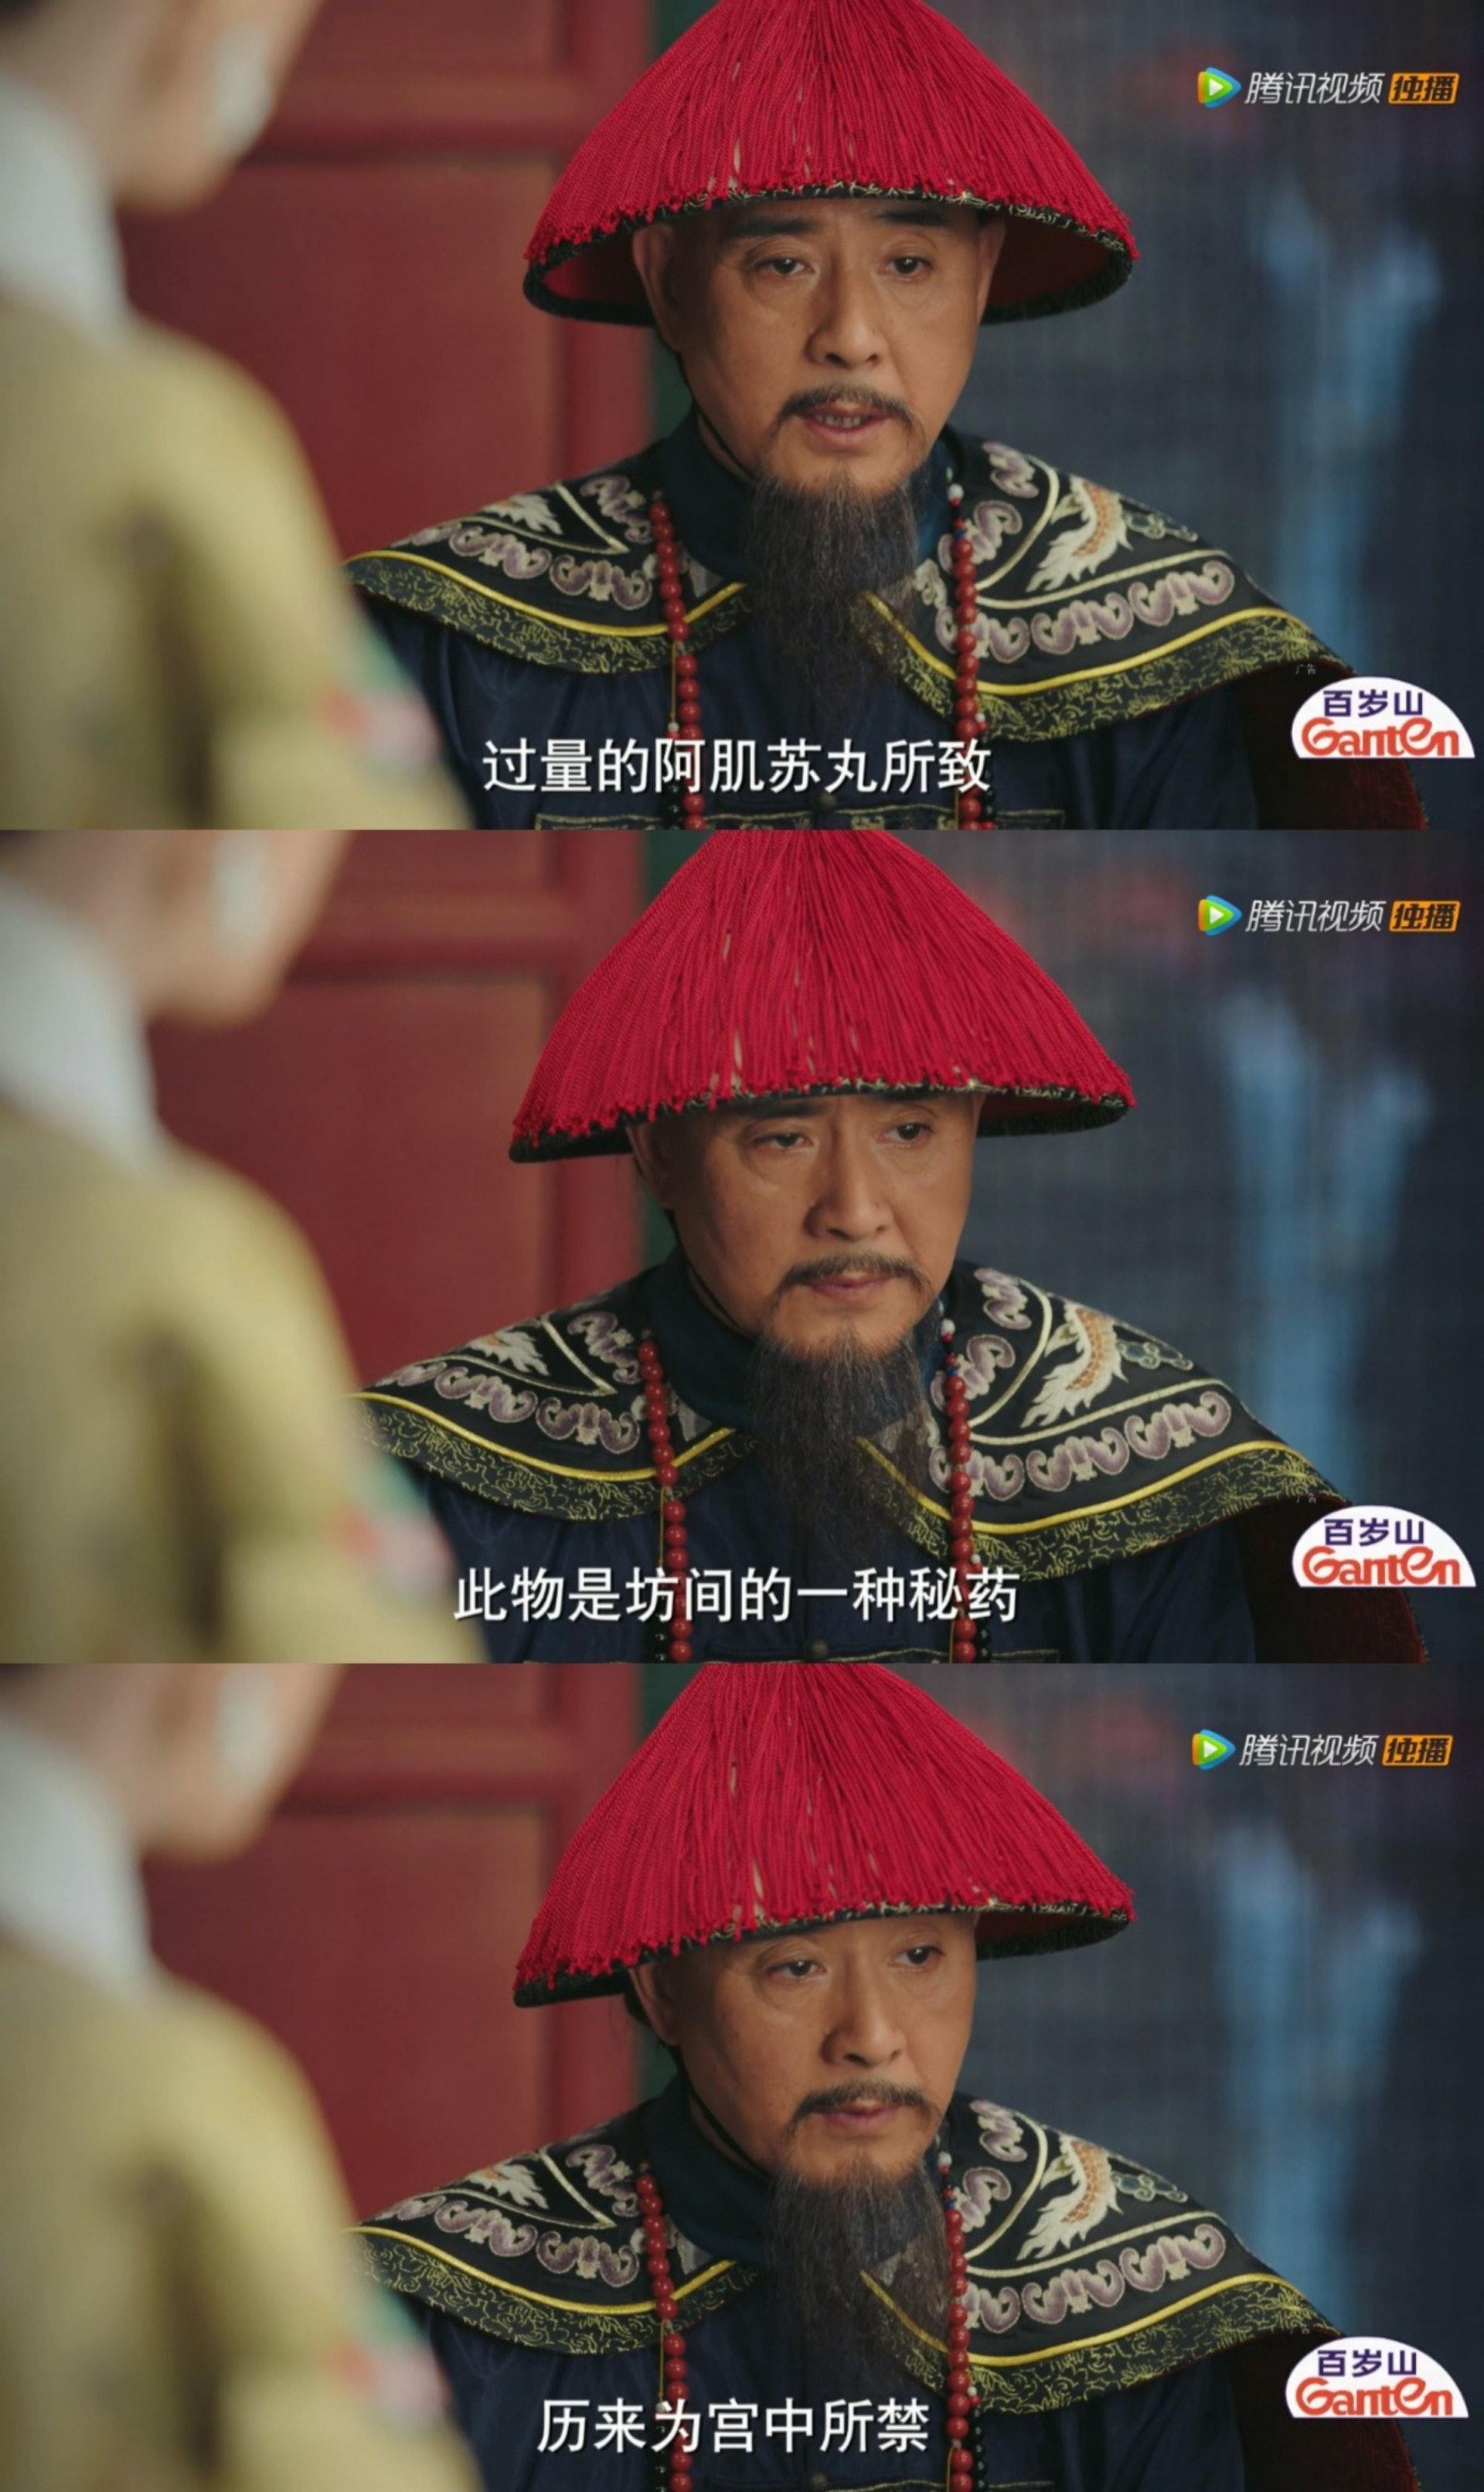 有指阿肌蘇丸是西藏紅教喇嘛的絕招之一,多爾袞曾靠服用此藥丸而精力大增,據傳乾隆晚年也靠其健脾滋腎壯元。(視頻截圖)